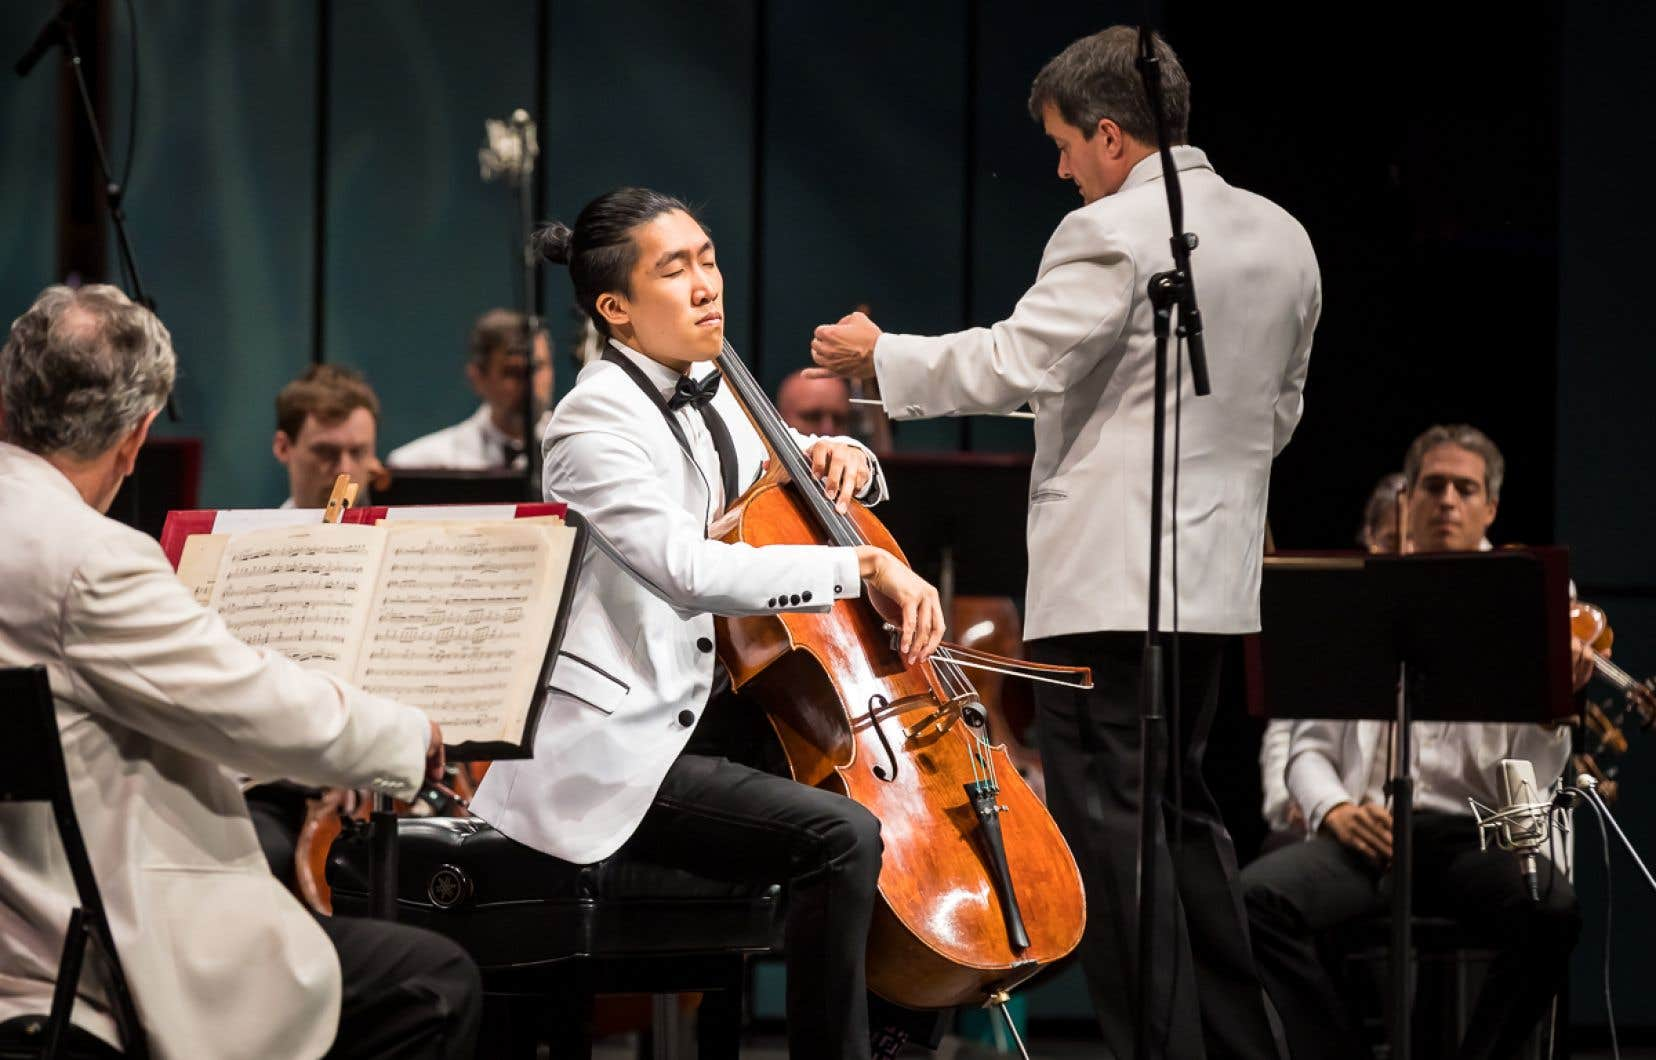 Bryan Cheng, vainqueur du Concours OSM en 2019, s'est fait remarquer lors de la fin de semaine avec son interprétation du rare «2e Concerto pour violoncelle»de Saint-Saëns.